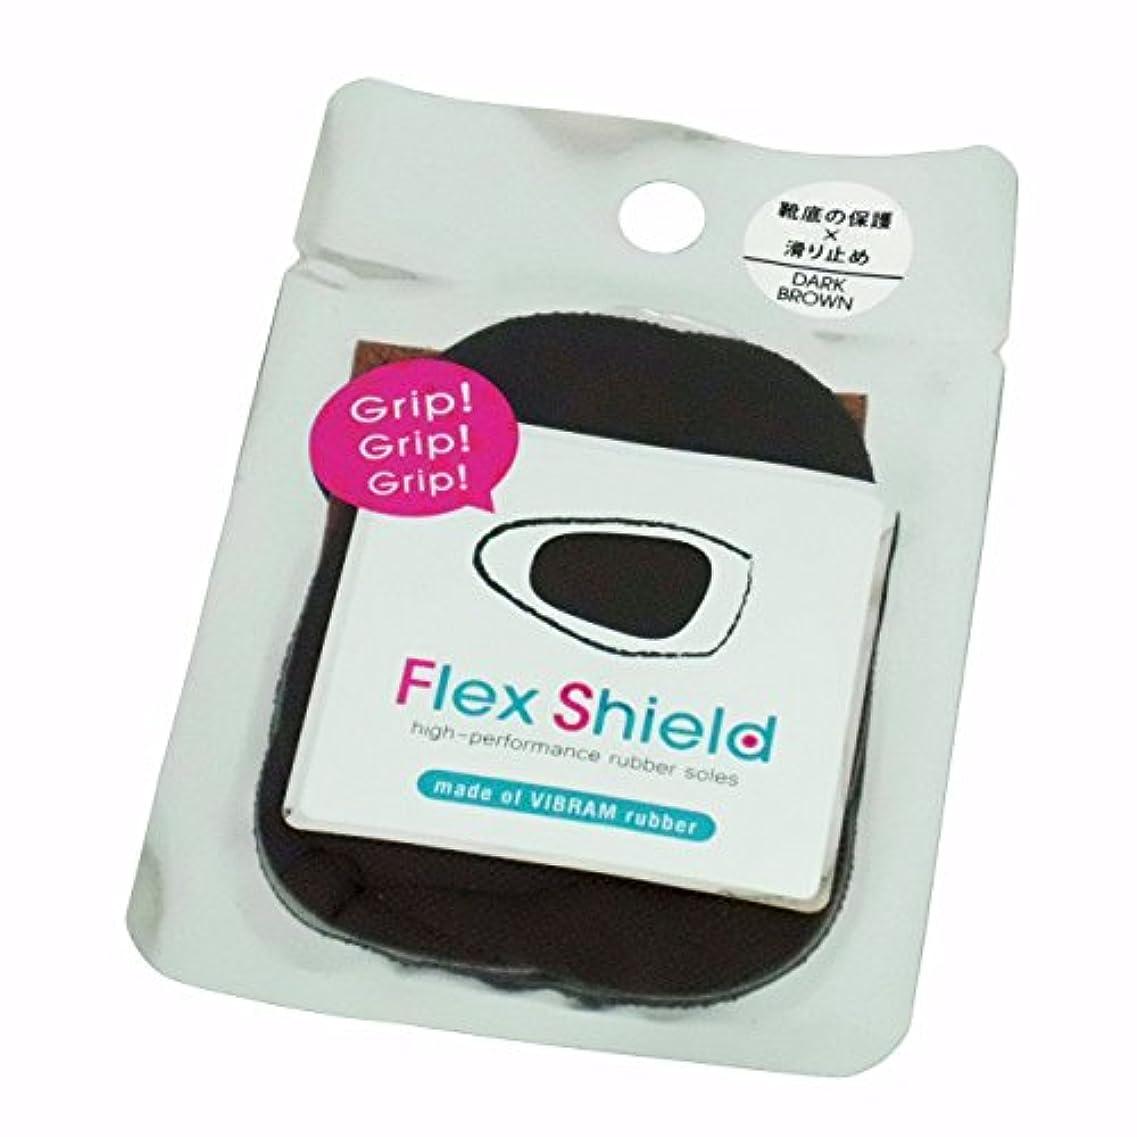 奨学金ブランデー石化するフレックスシールド (flex shield) ダークブラウン